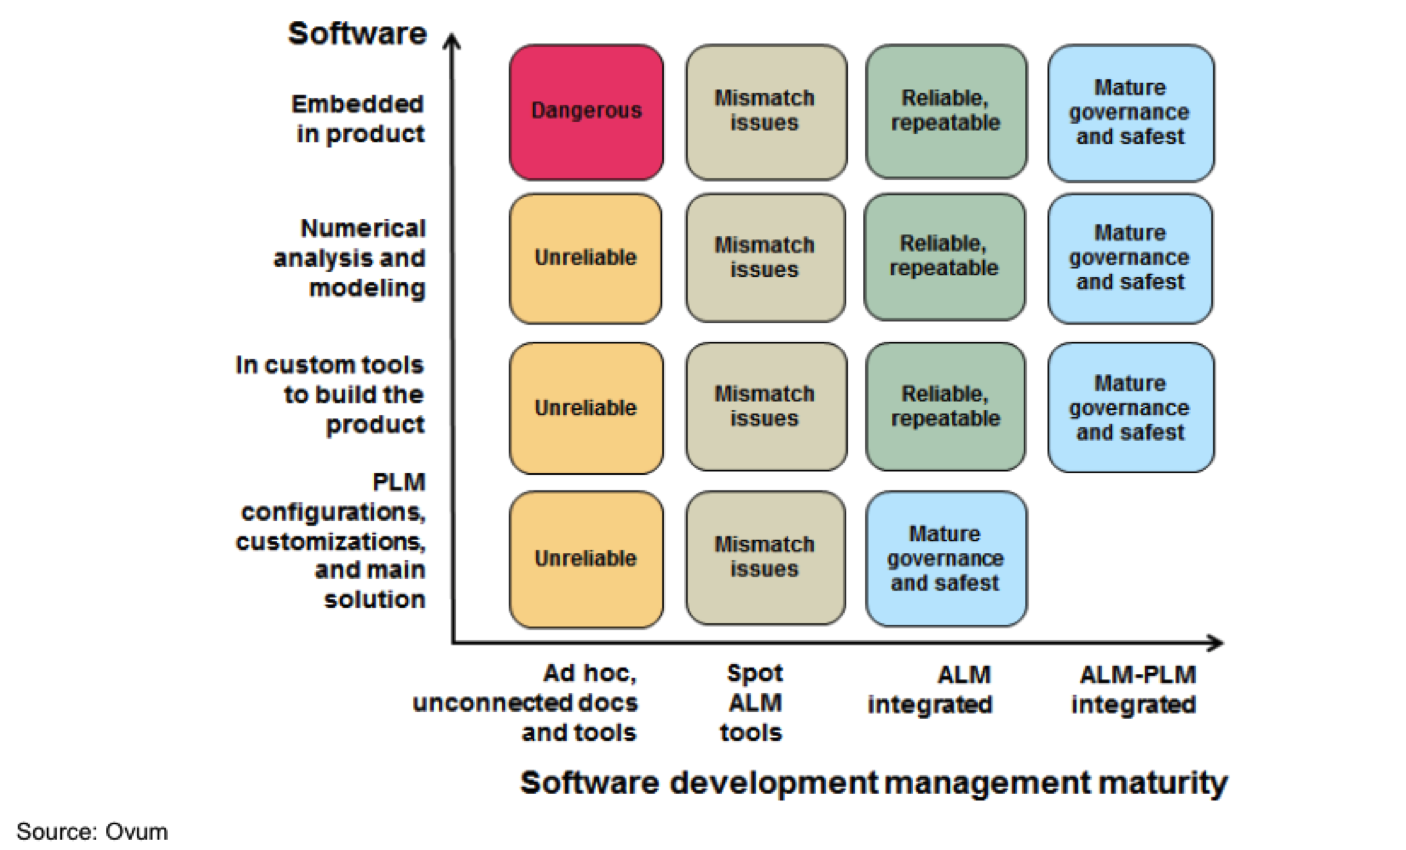 Software Development Management Maturity Chart - Ovum